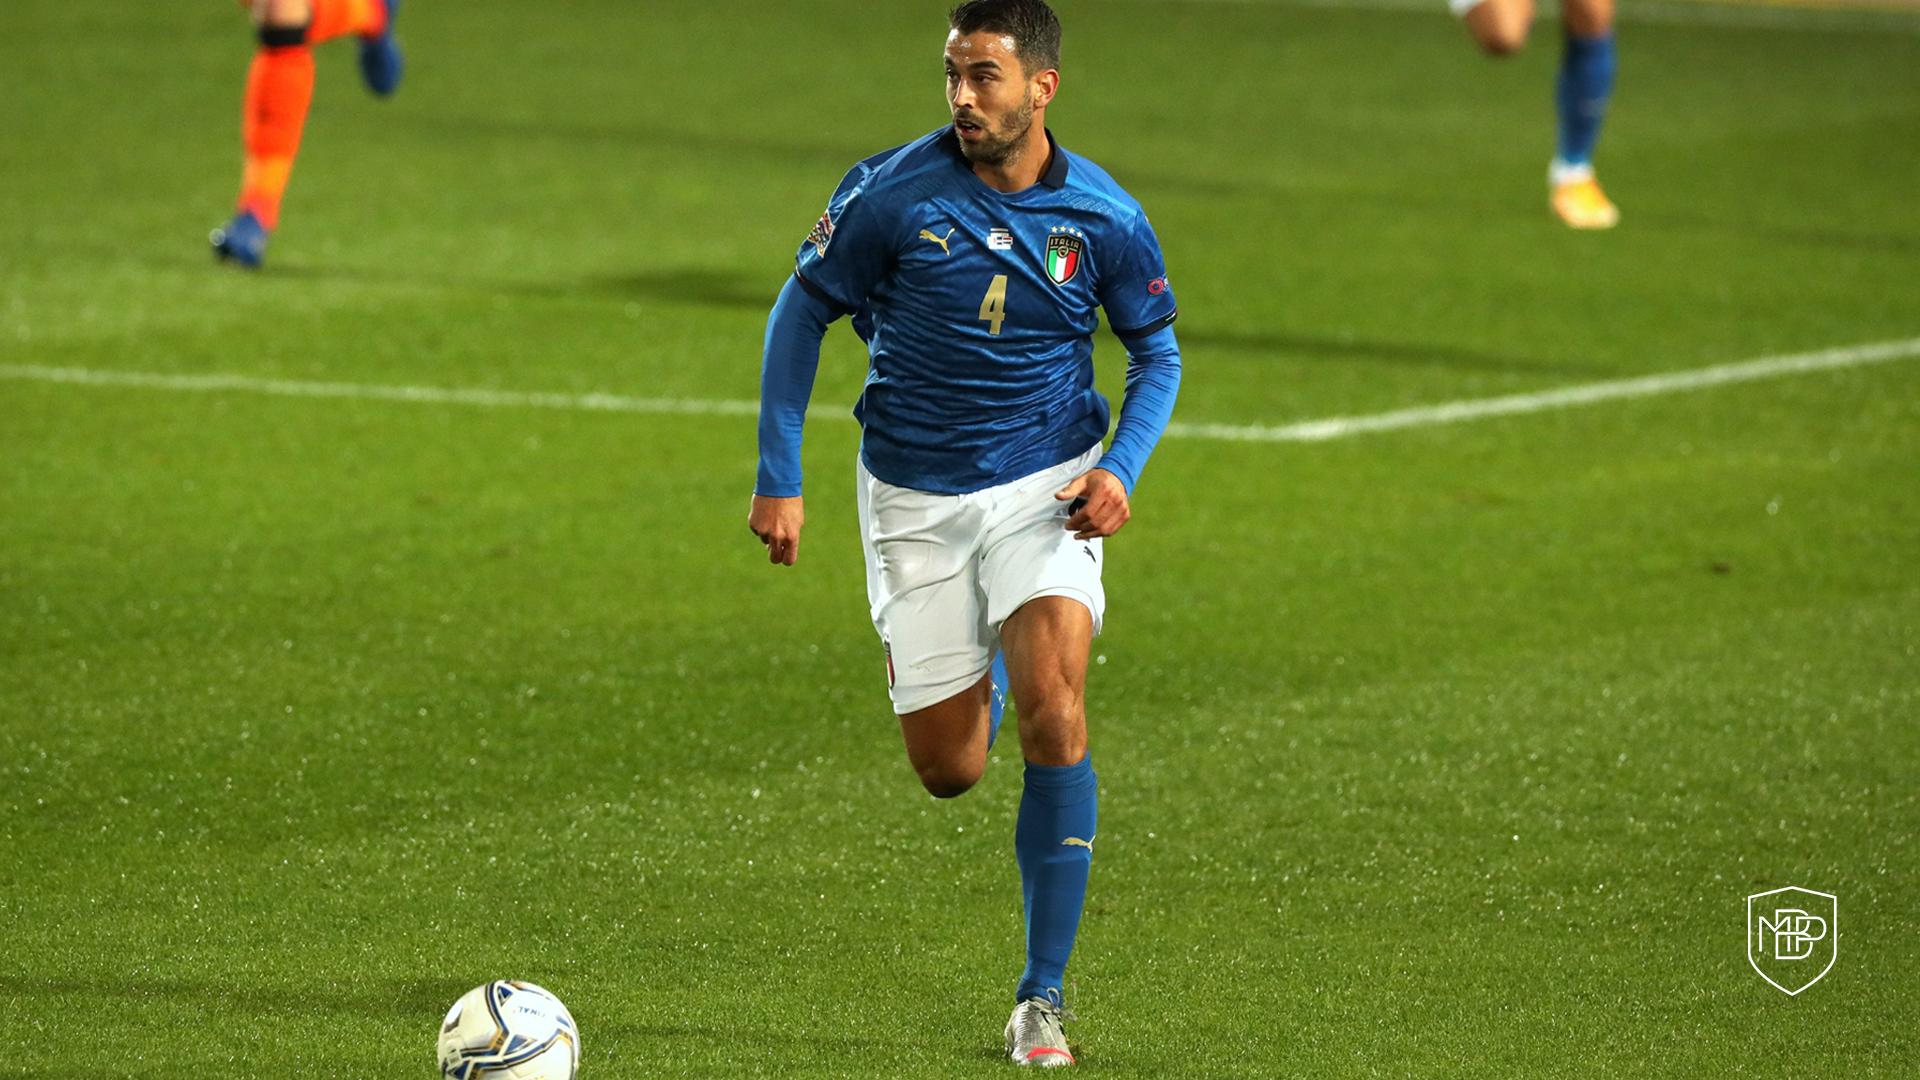 En este momento estás viendo Leonardo Spinazzola, el MBP de la fase de grupos de la EURO 2020